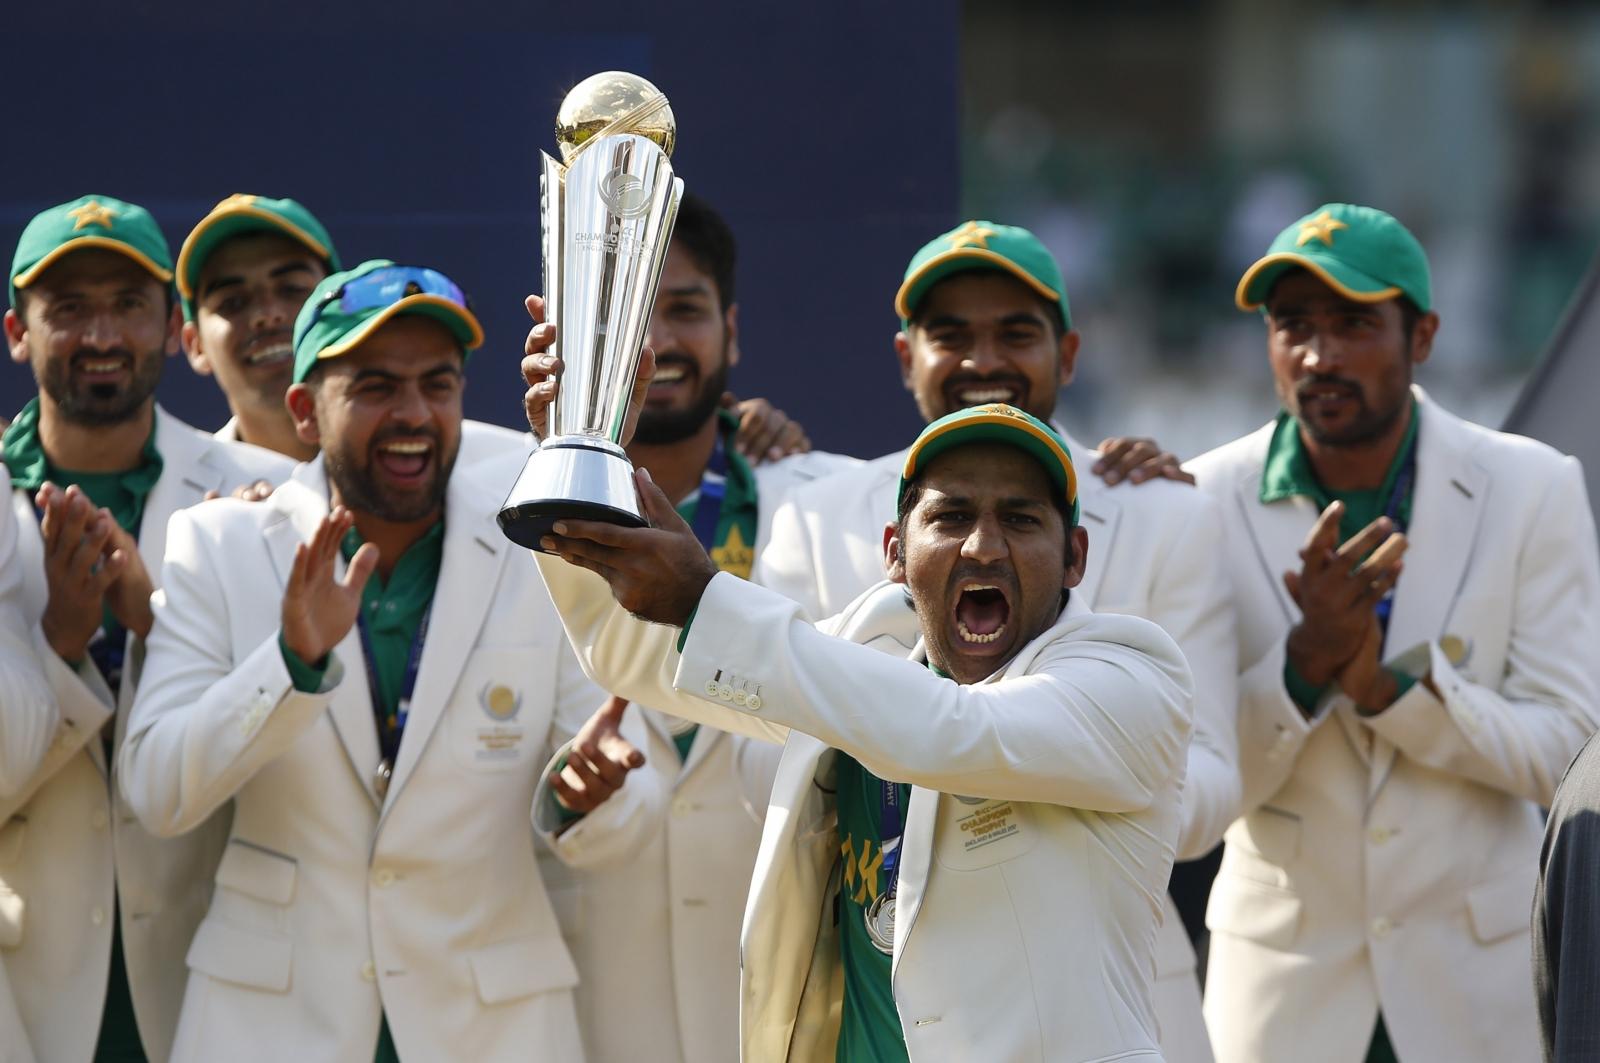 Pakistan cricket team